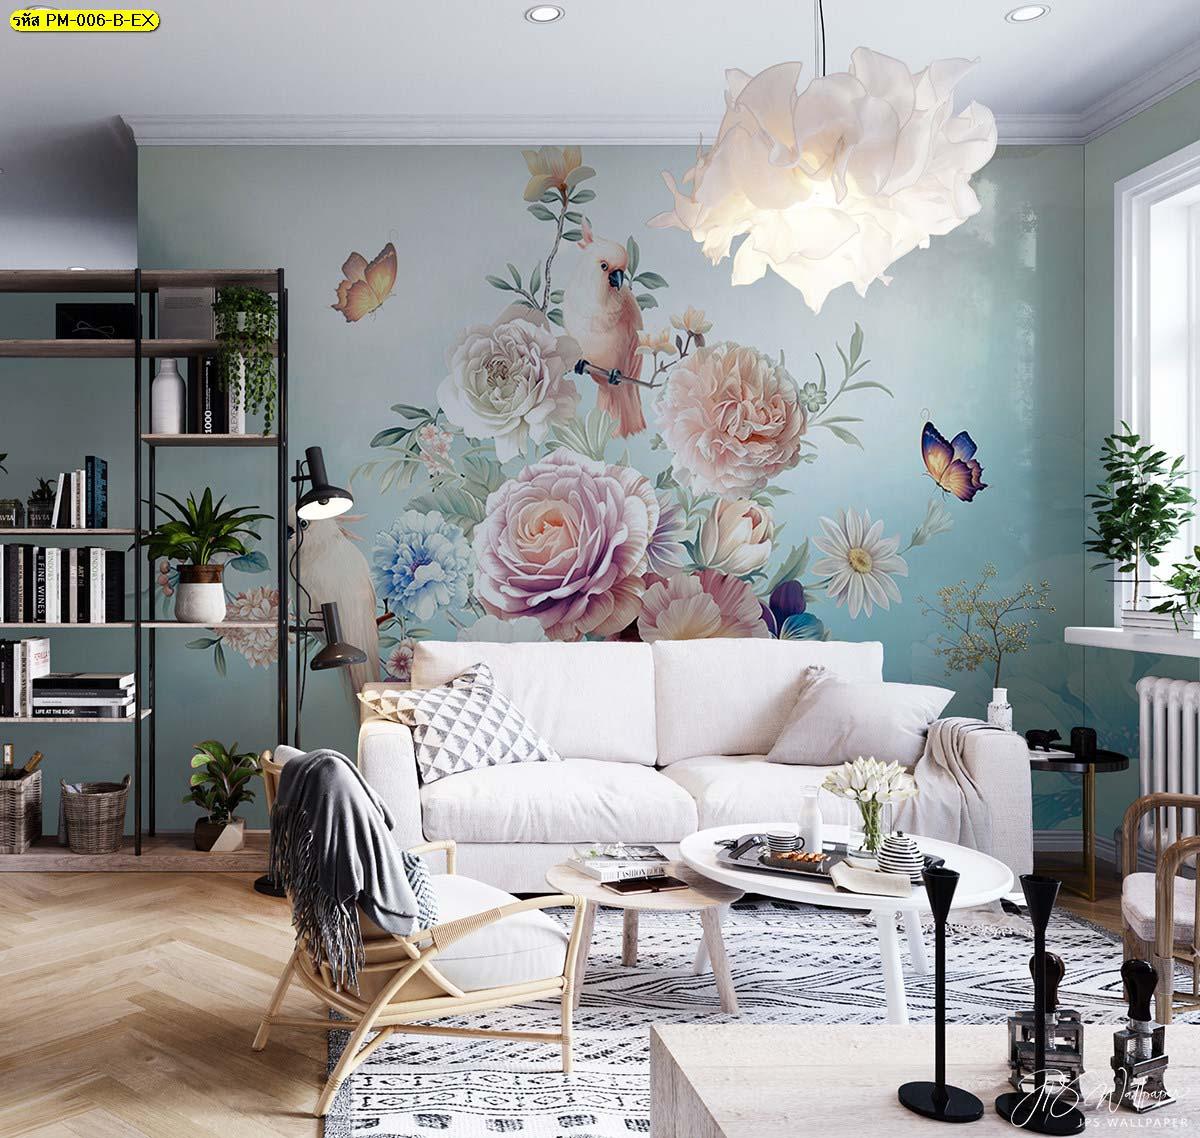 ตกแต่งห้องนั่งเล่นวินเทจดอกไม้ แต่งห้องนั่งเล่นหวานๆลายดอกไม้สวยหรู